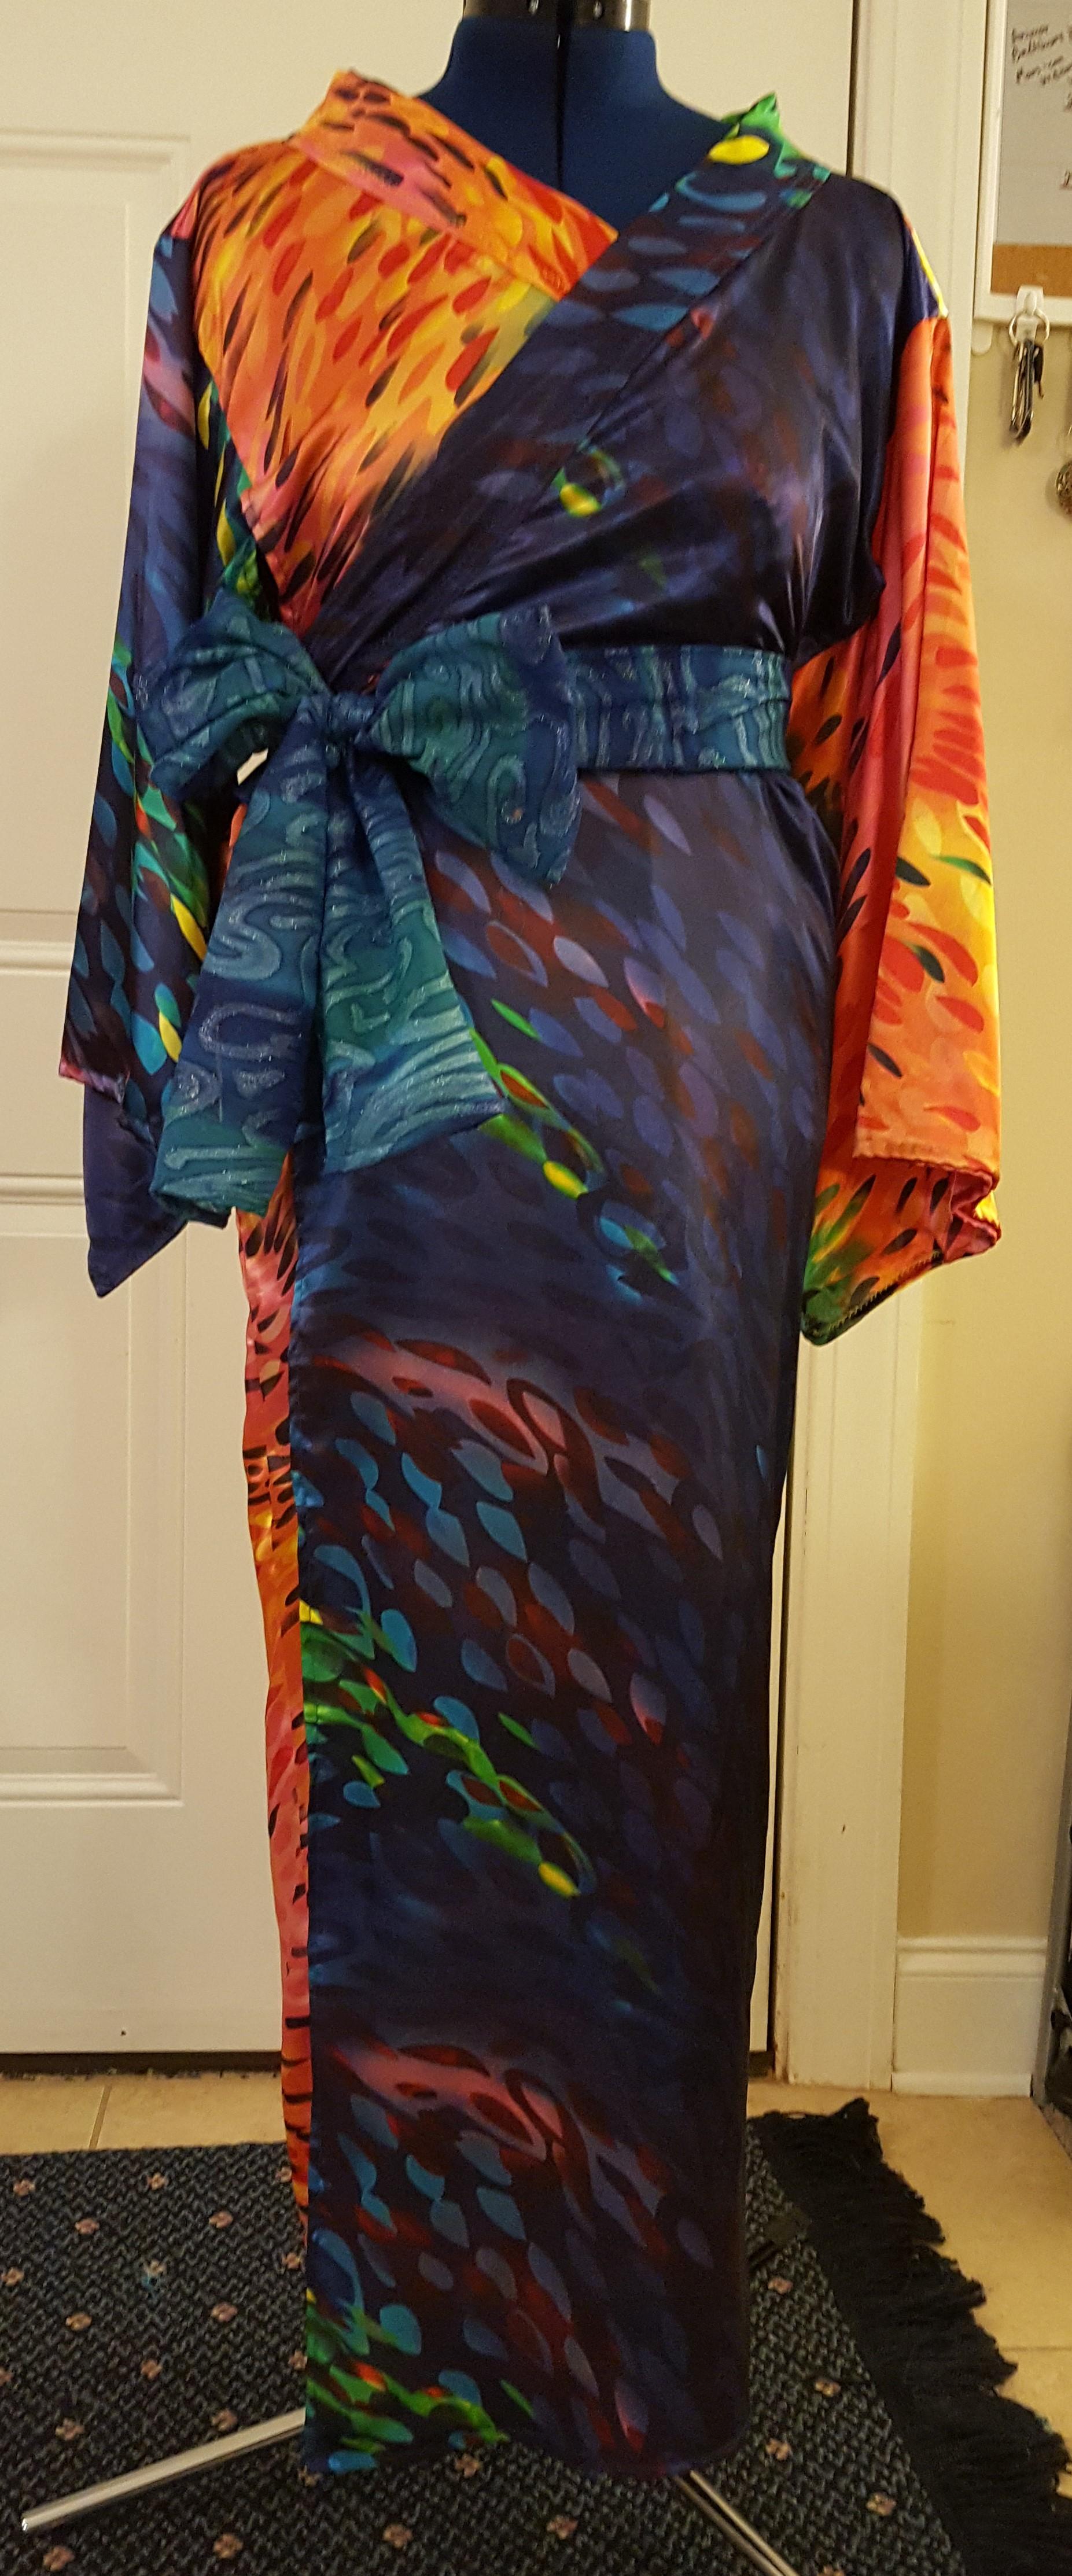 6a55b17e8a Swirl of Color Yukata - Small · Sakura Sisters · Online Store ...